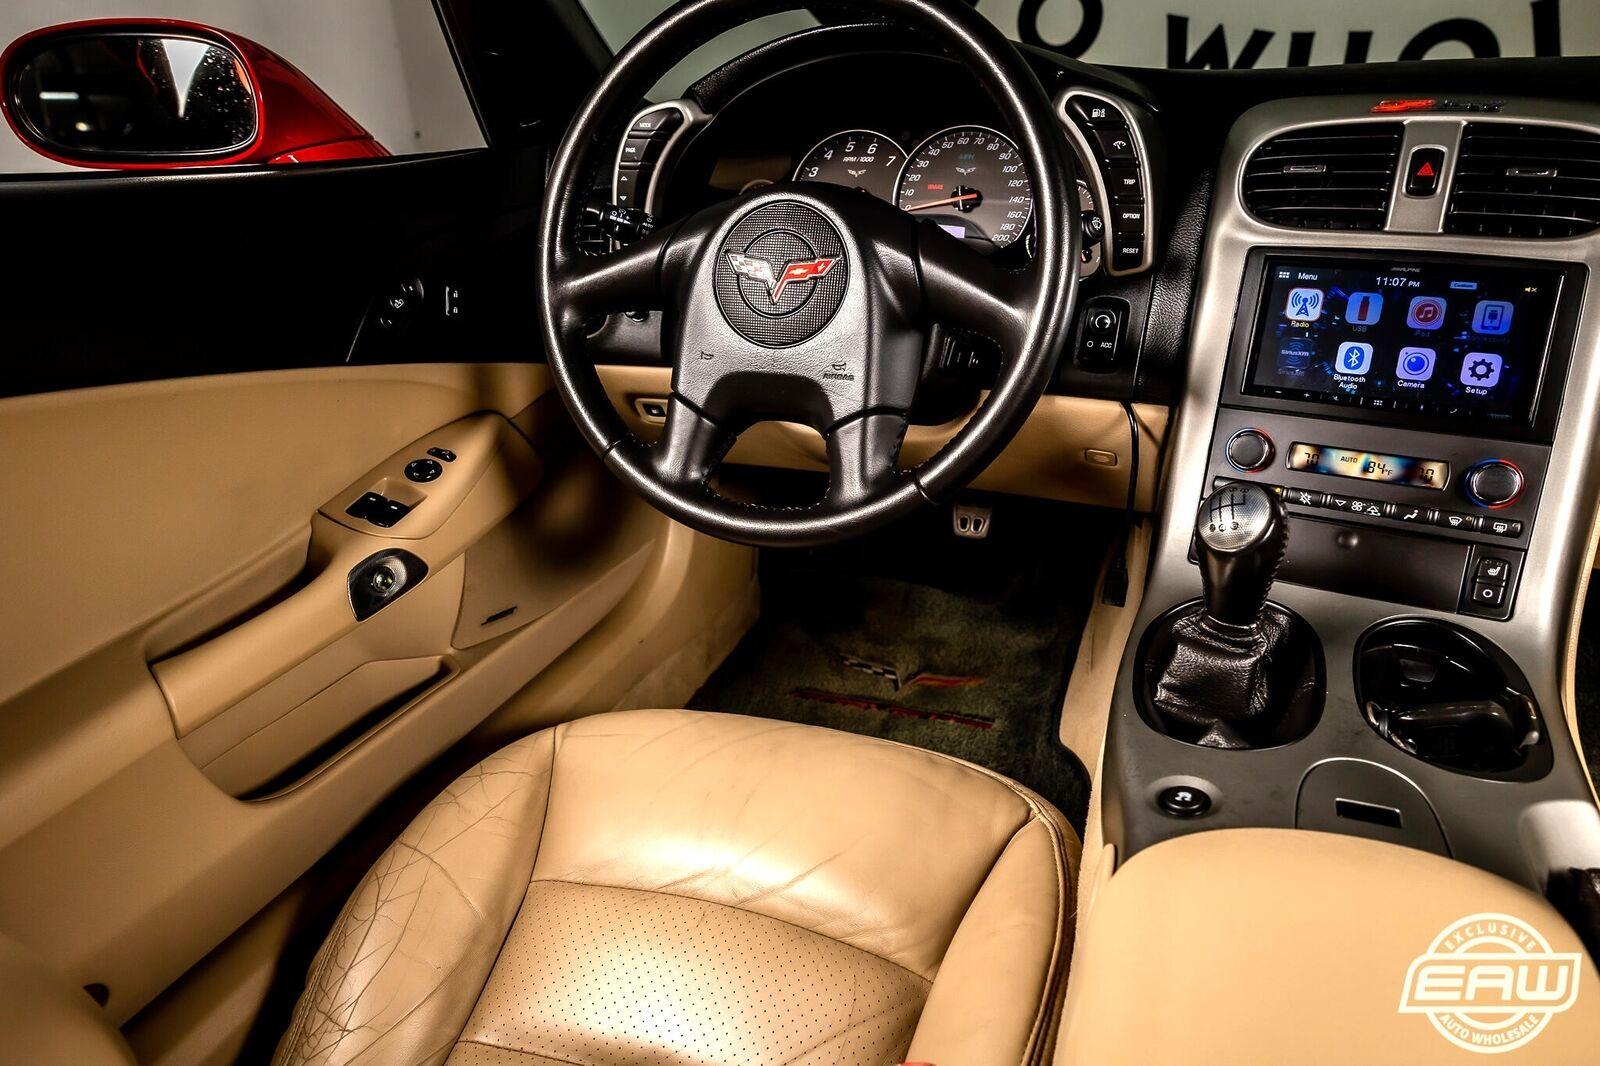 2005 Red Chevrolet Corvette Coupe  | C6 Corvette Photo 7